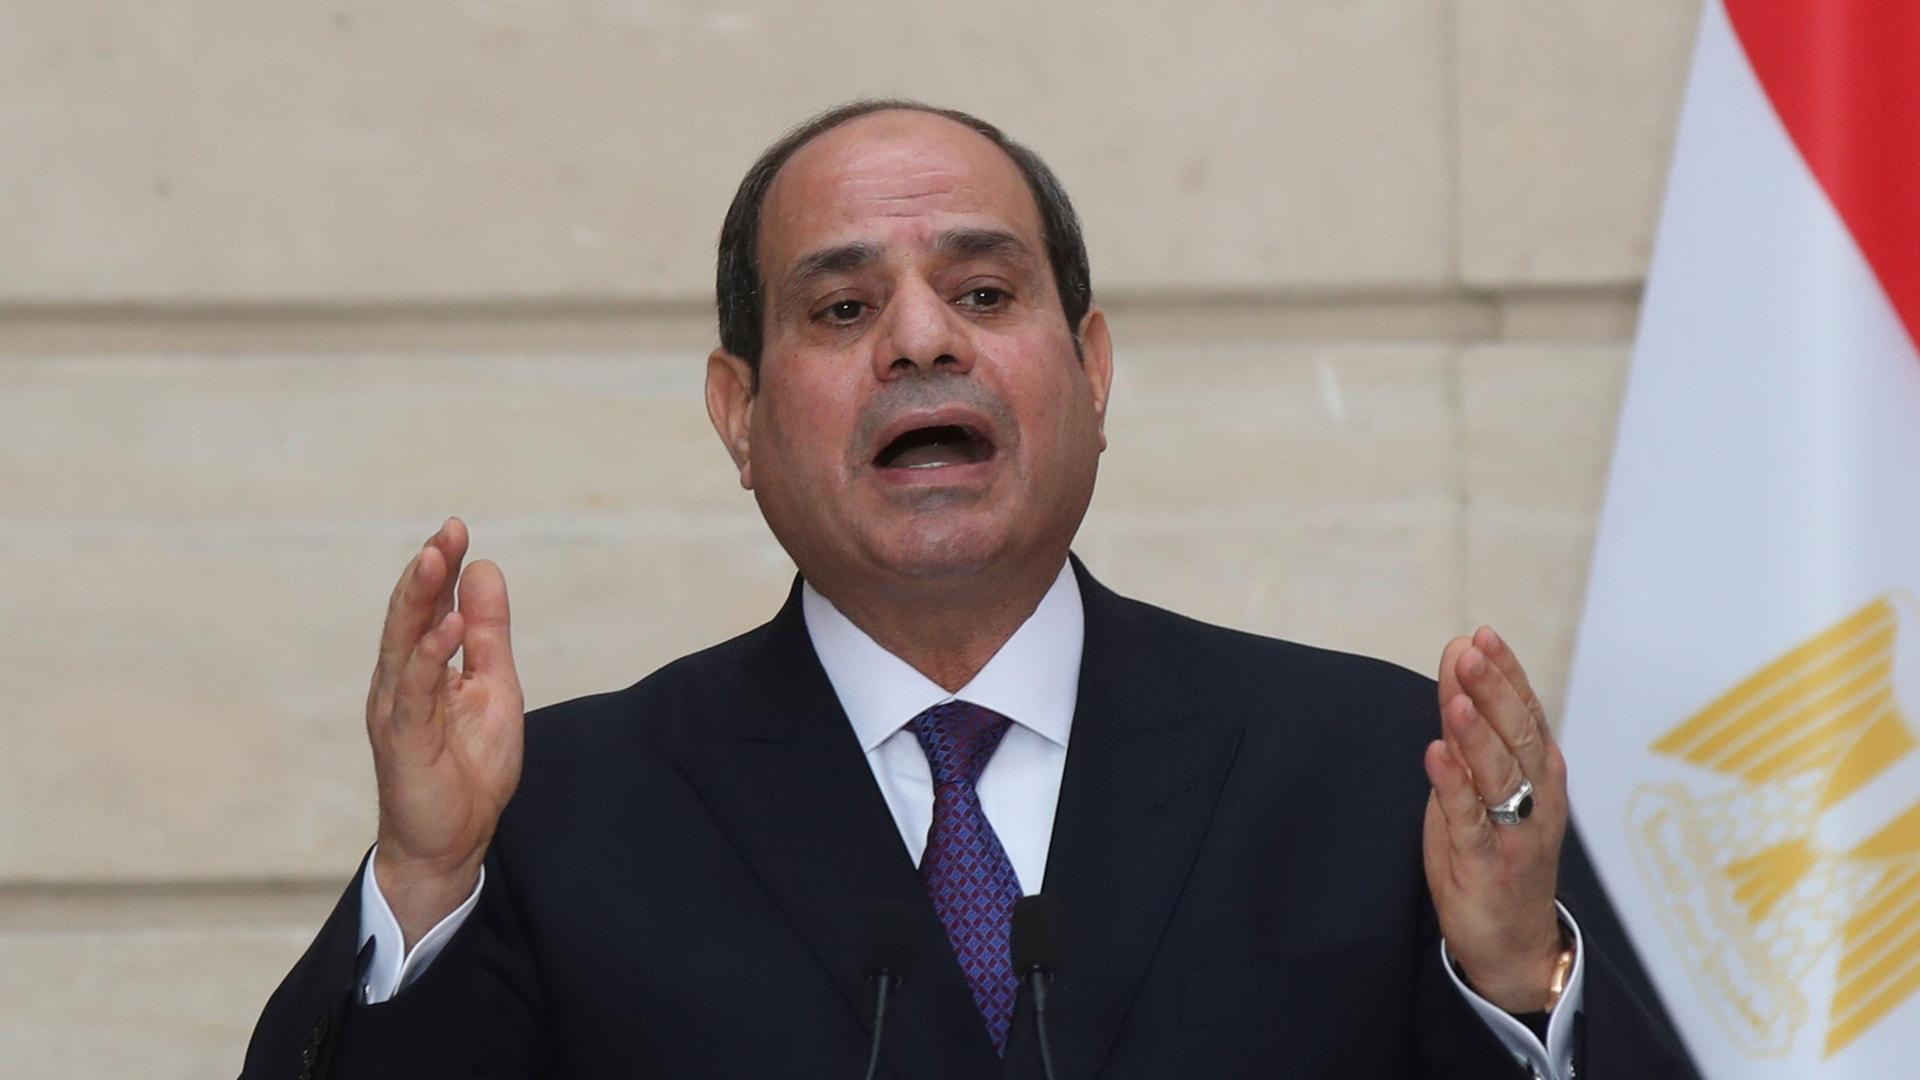 """السيسي: """"الخطوط"""" التي أعلنتها بشأن التدخلات الخارجية حققت التوازن في ليبيا"""